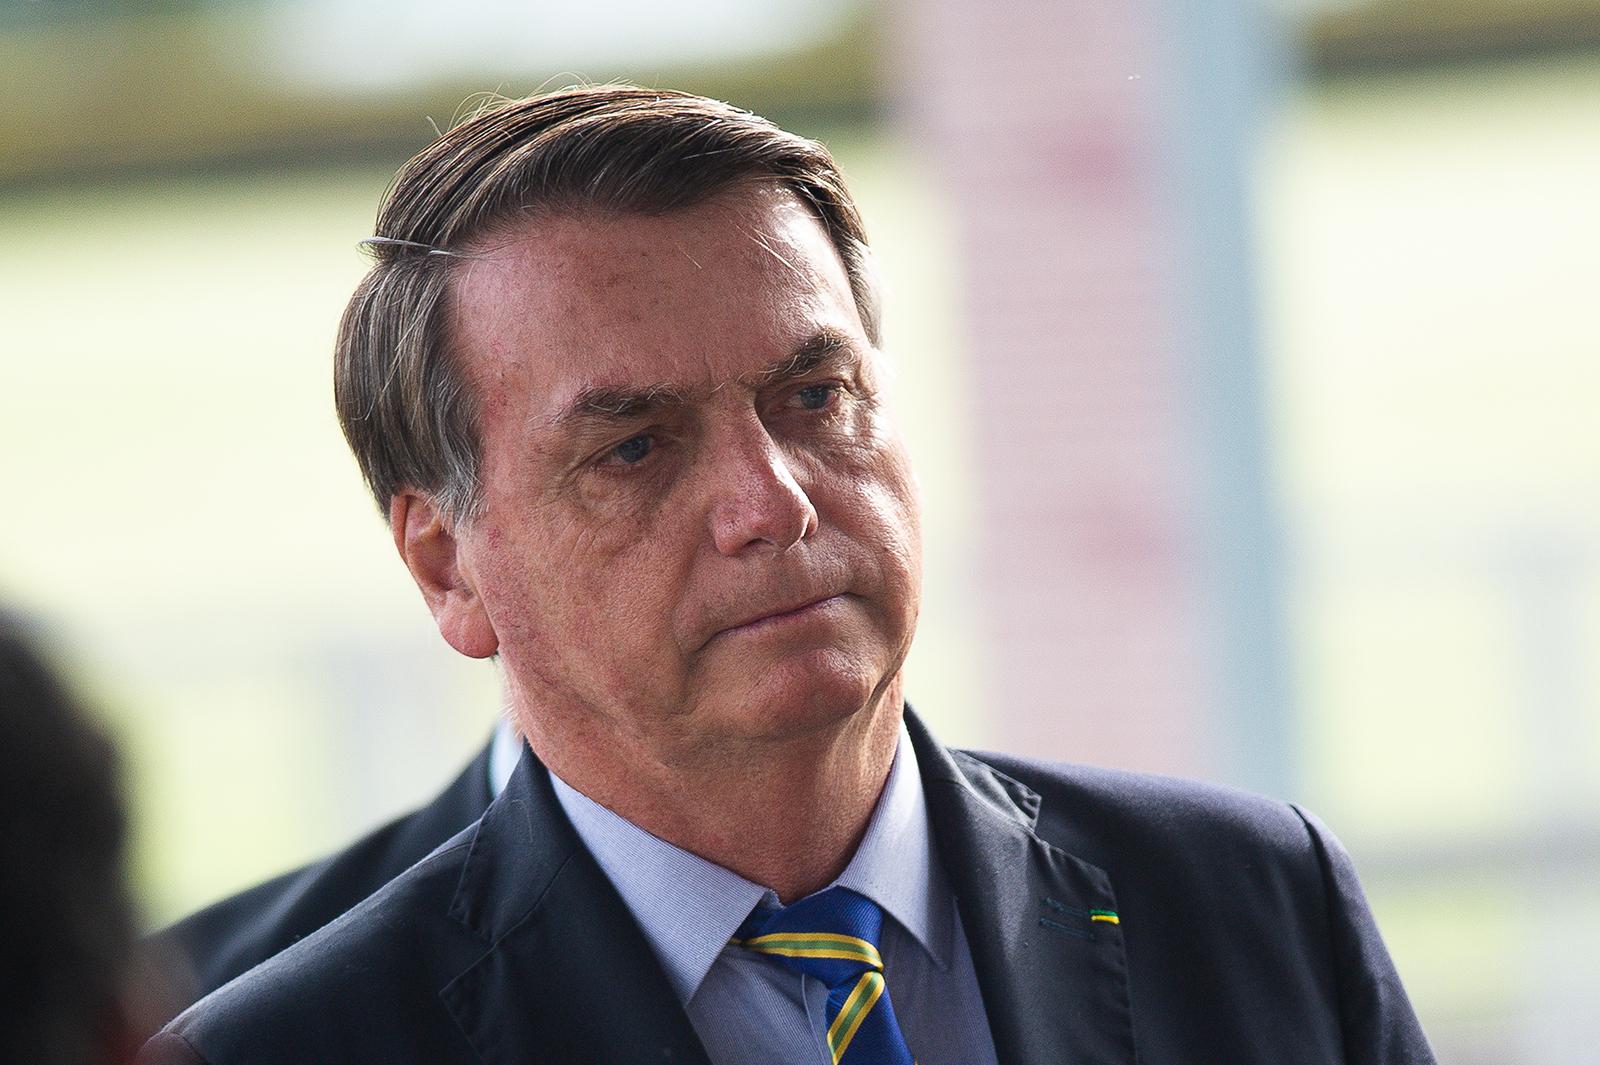 OPINIÓN | La derecha brasileña ya no necesita a Bolsonaro